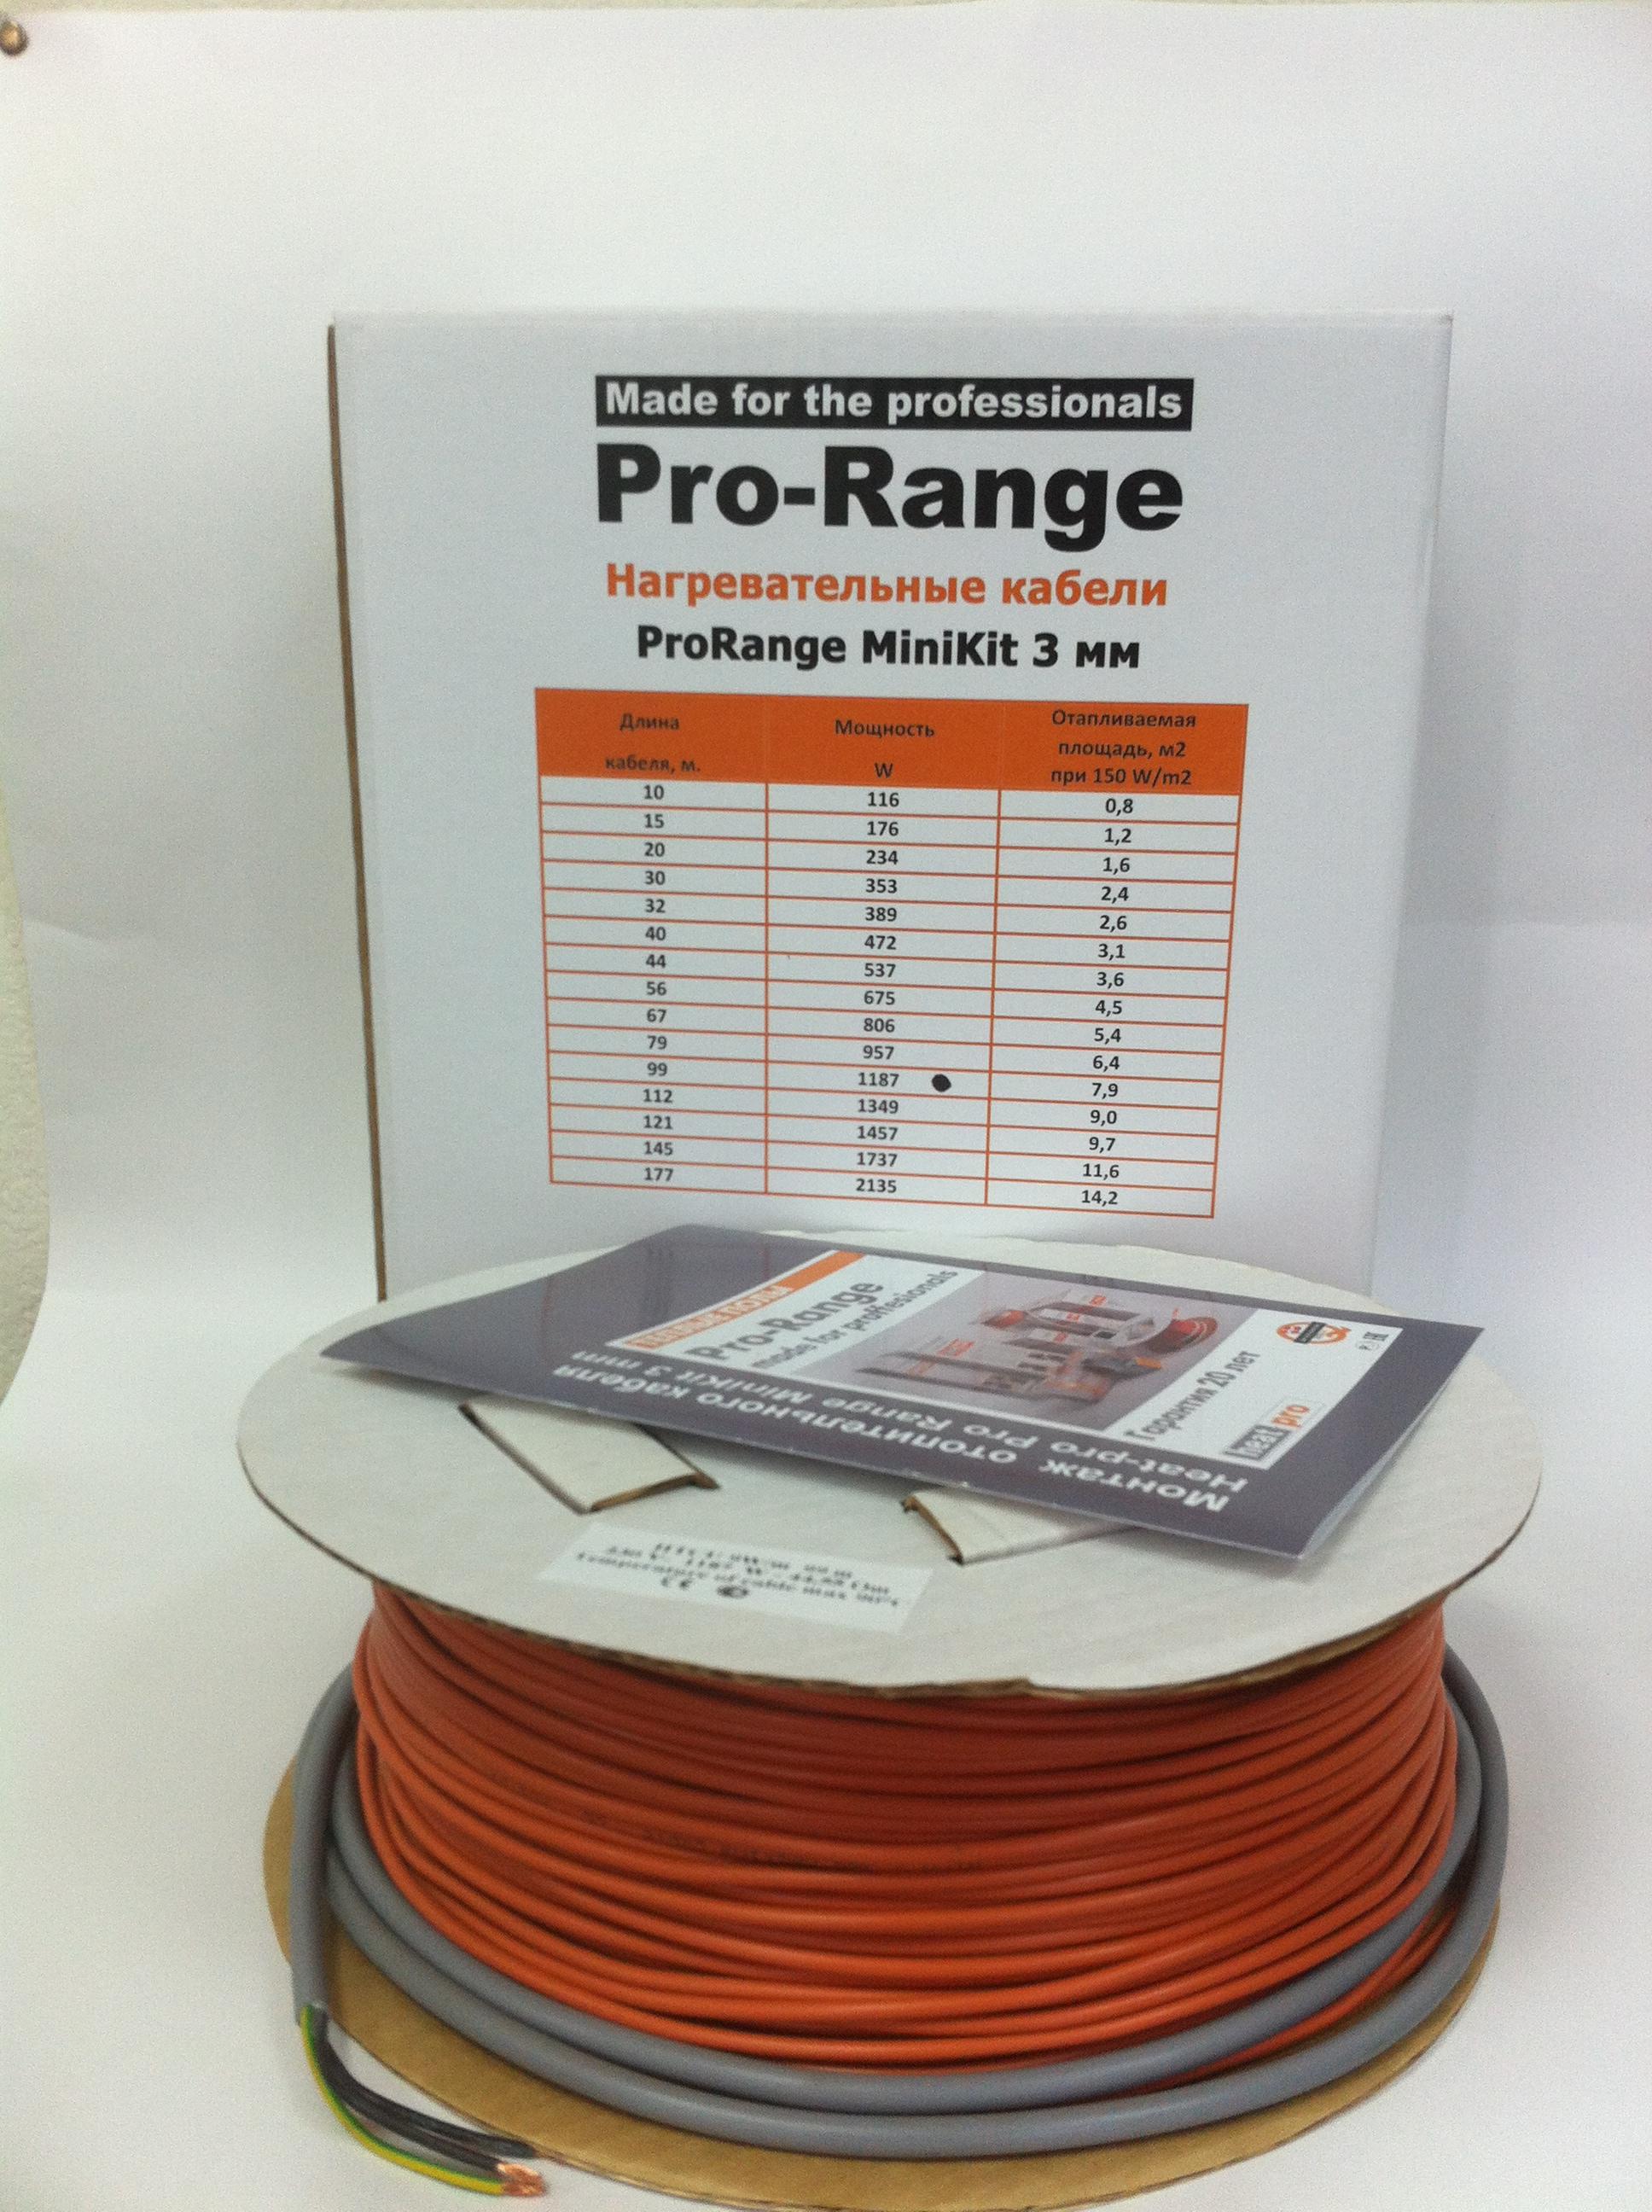 Теплый пол Heat-pro Prc-3.-0234 теплый пол теплолюкс profimat160 10 0